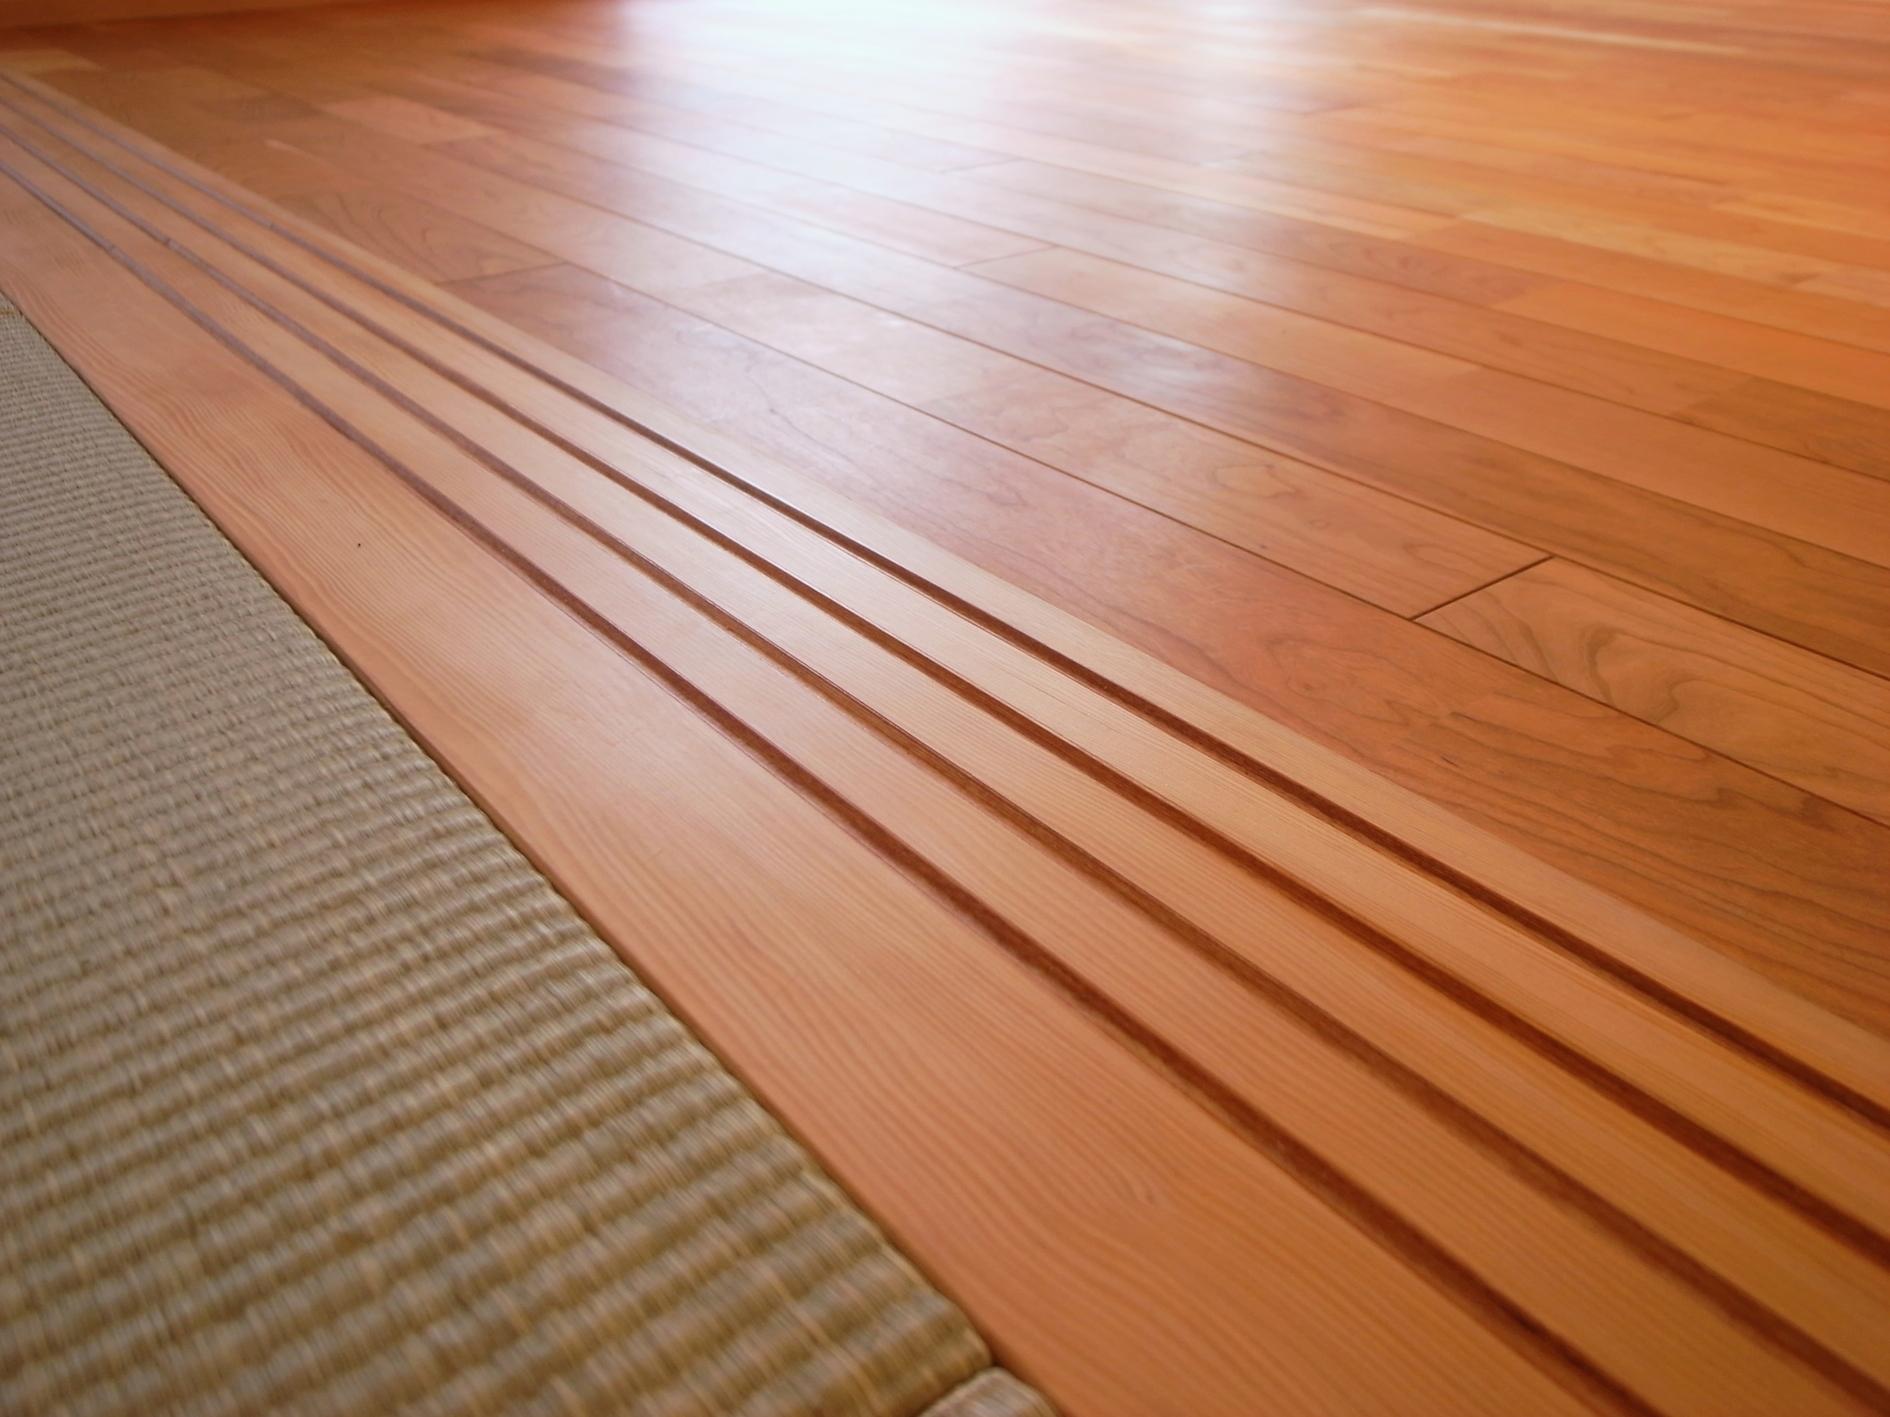 Oさんの大好きなものが集まる大切な場所の部屋 ツガの敷居と木製のVレール